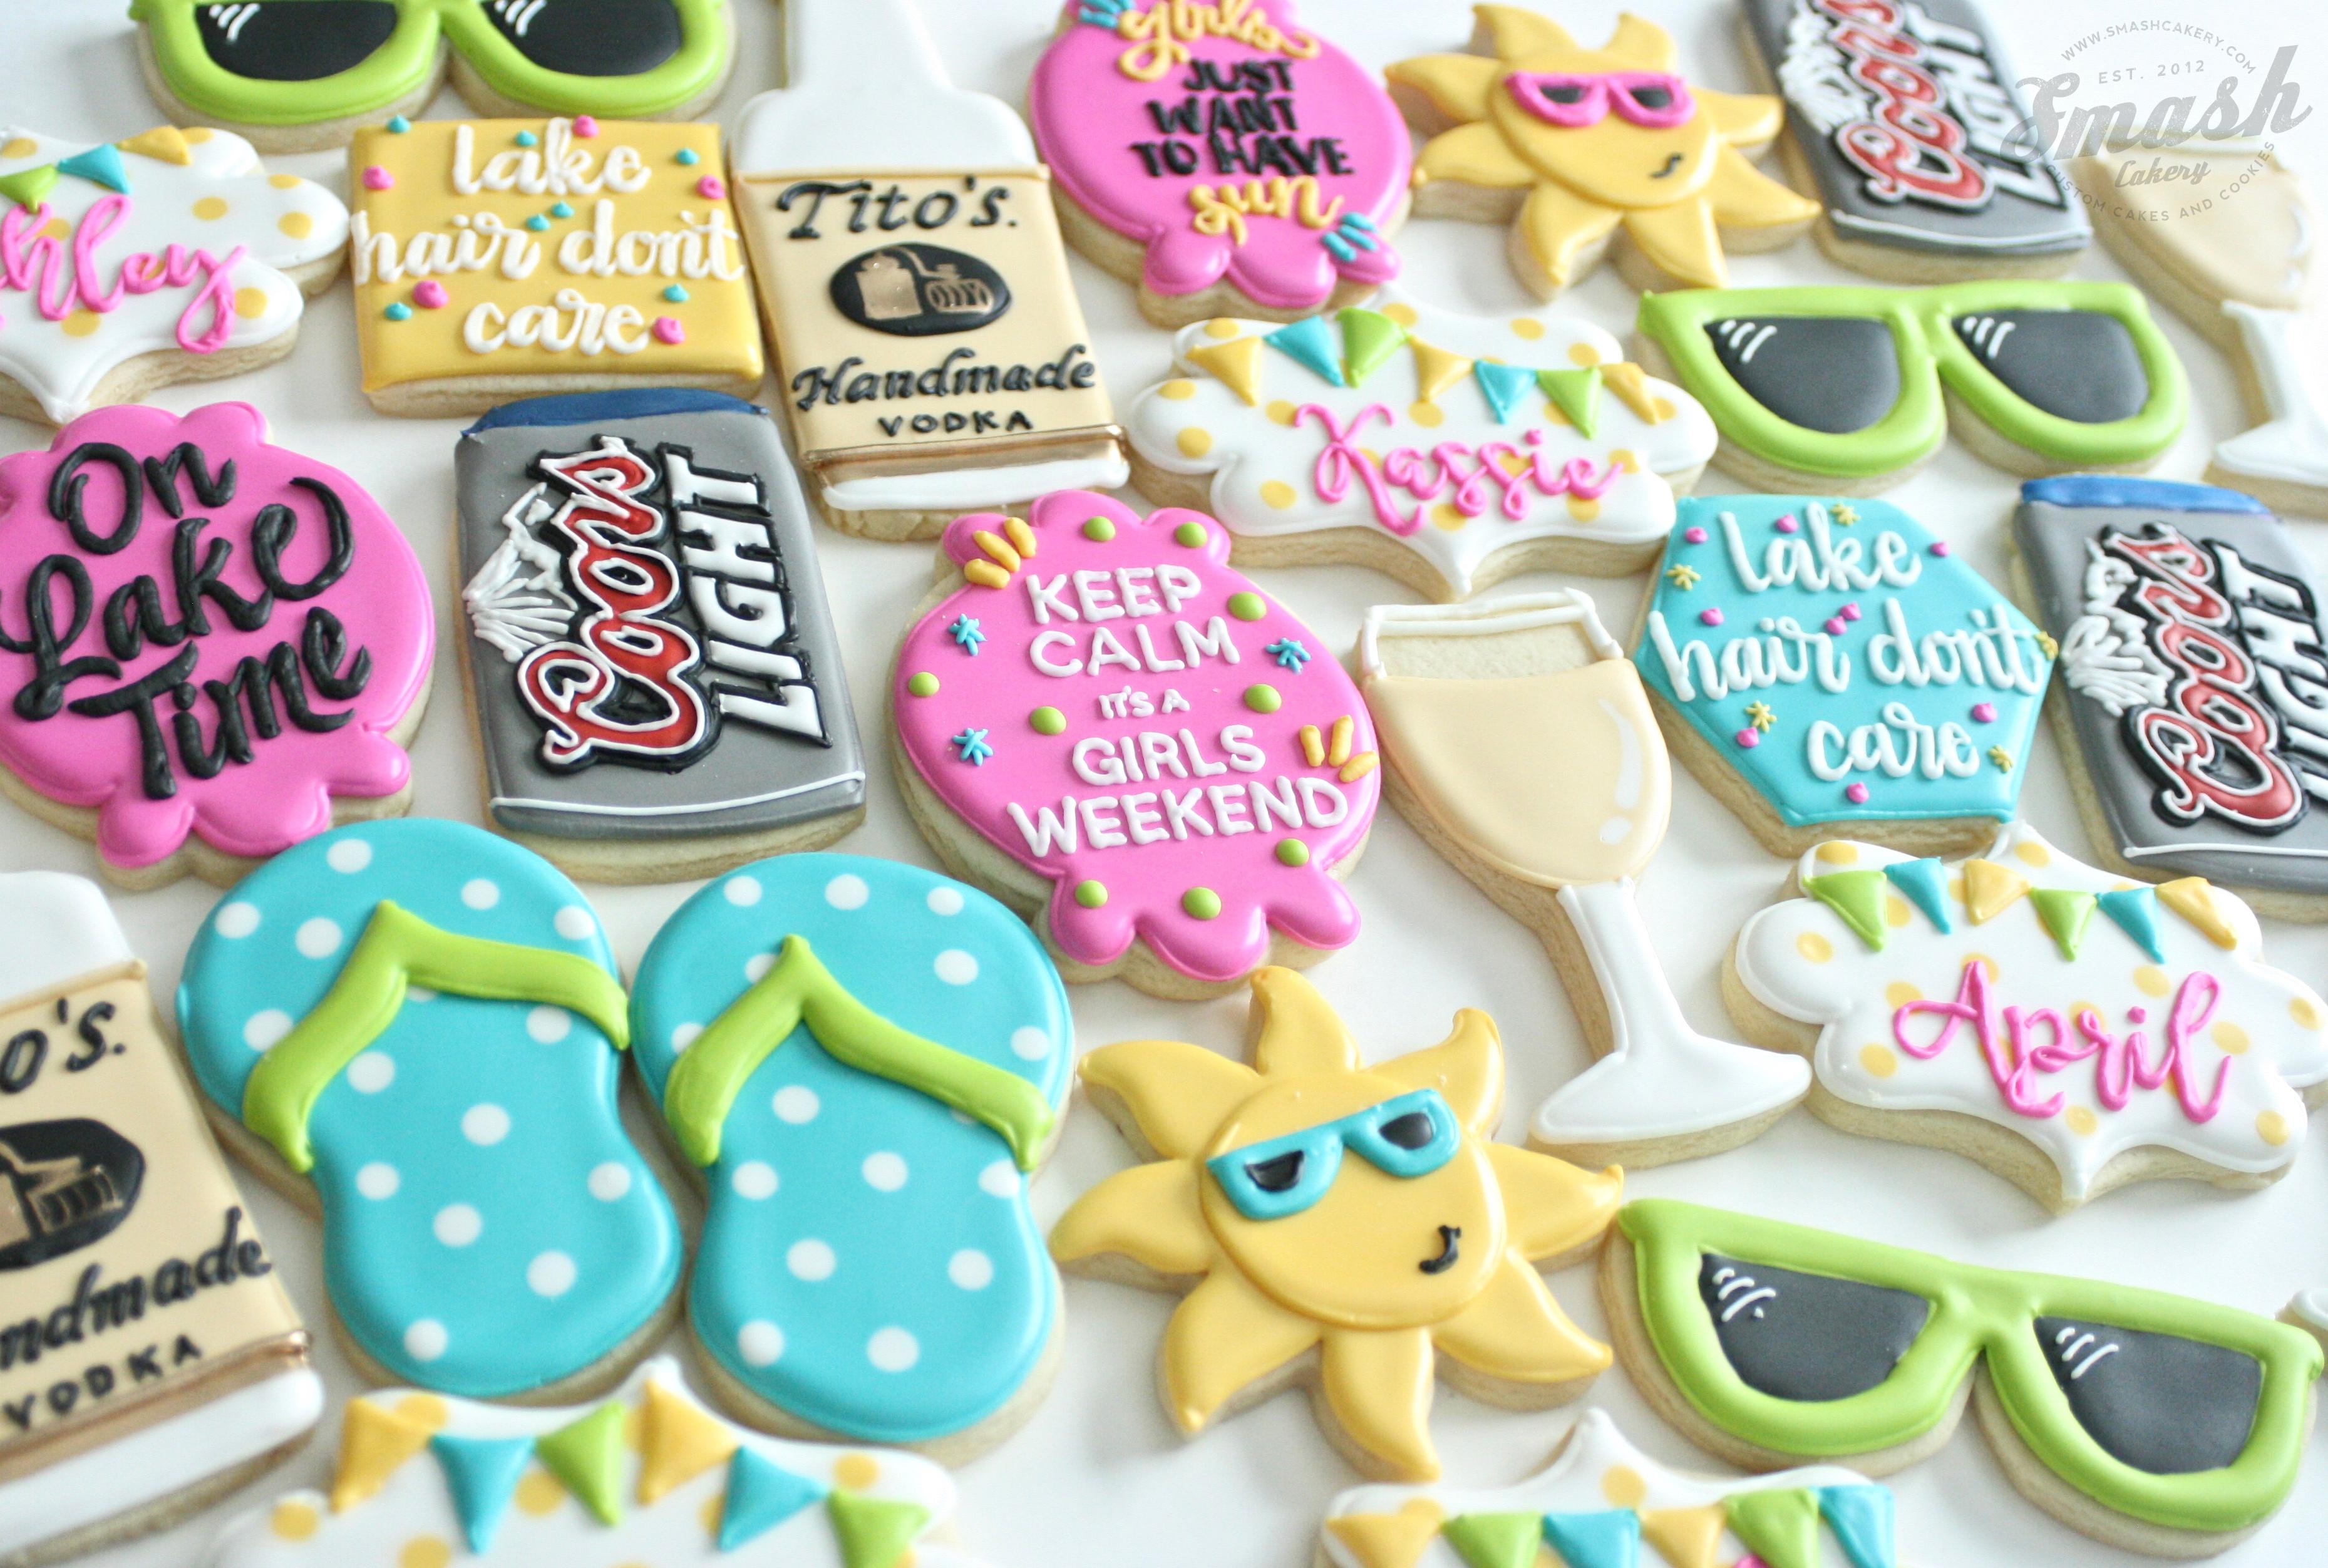 lakecookies